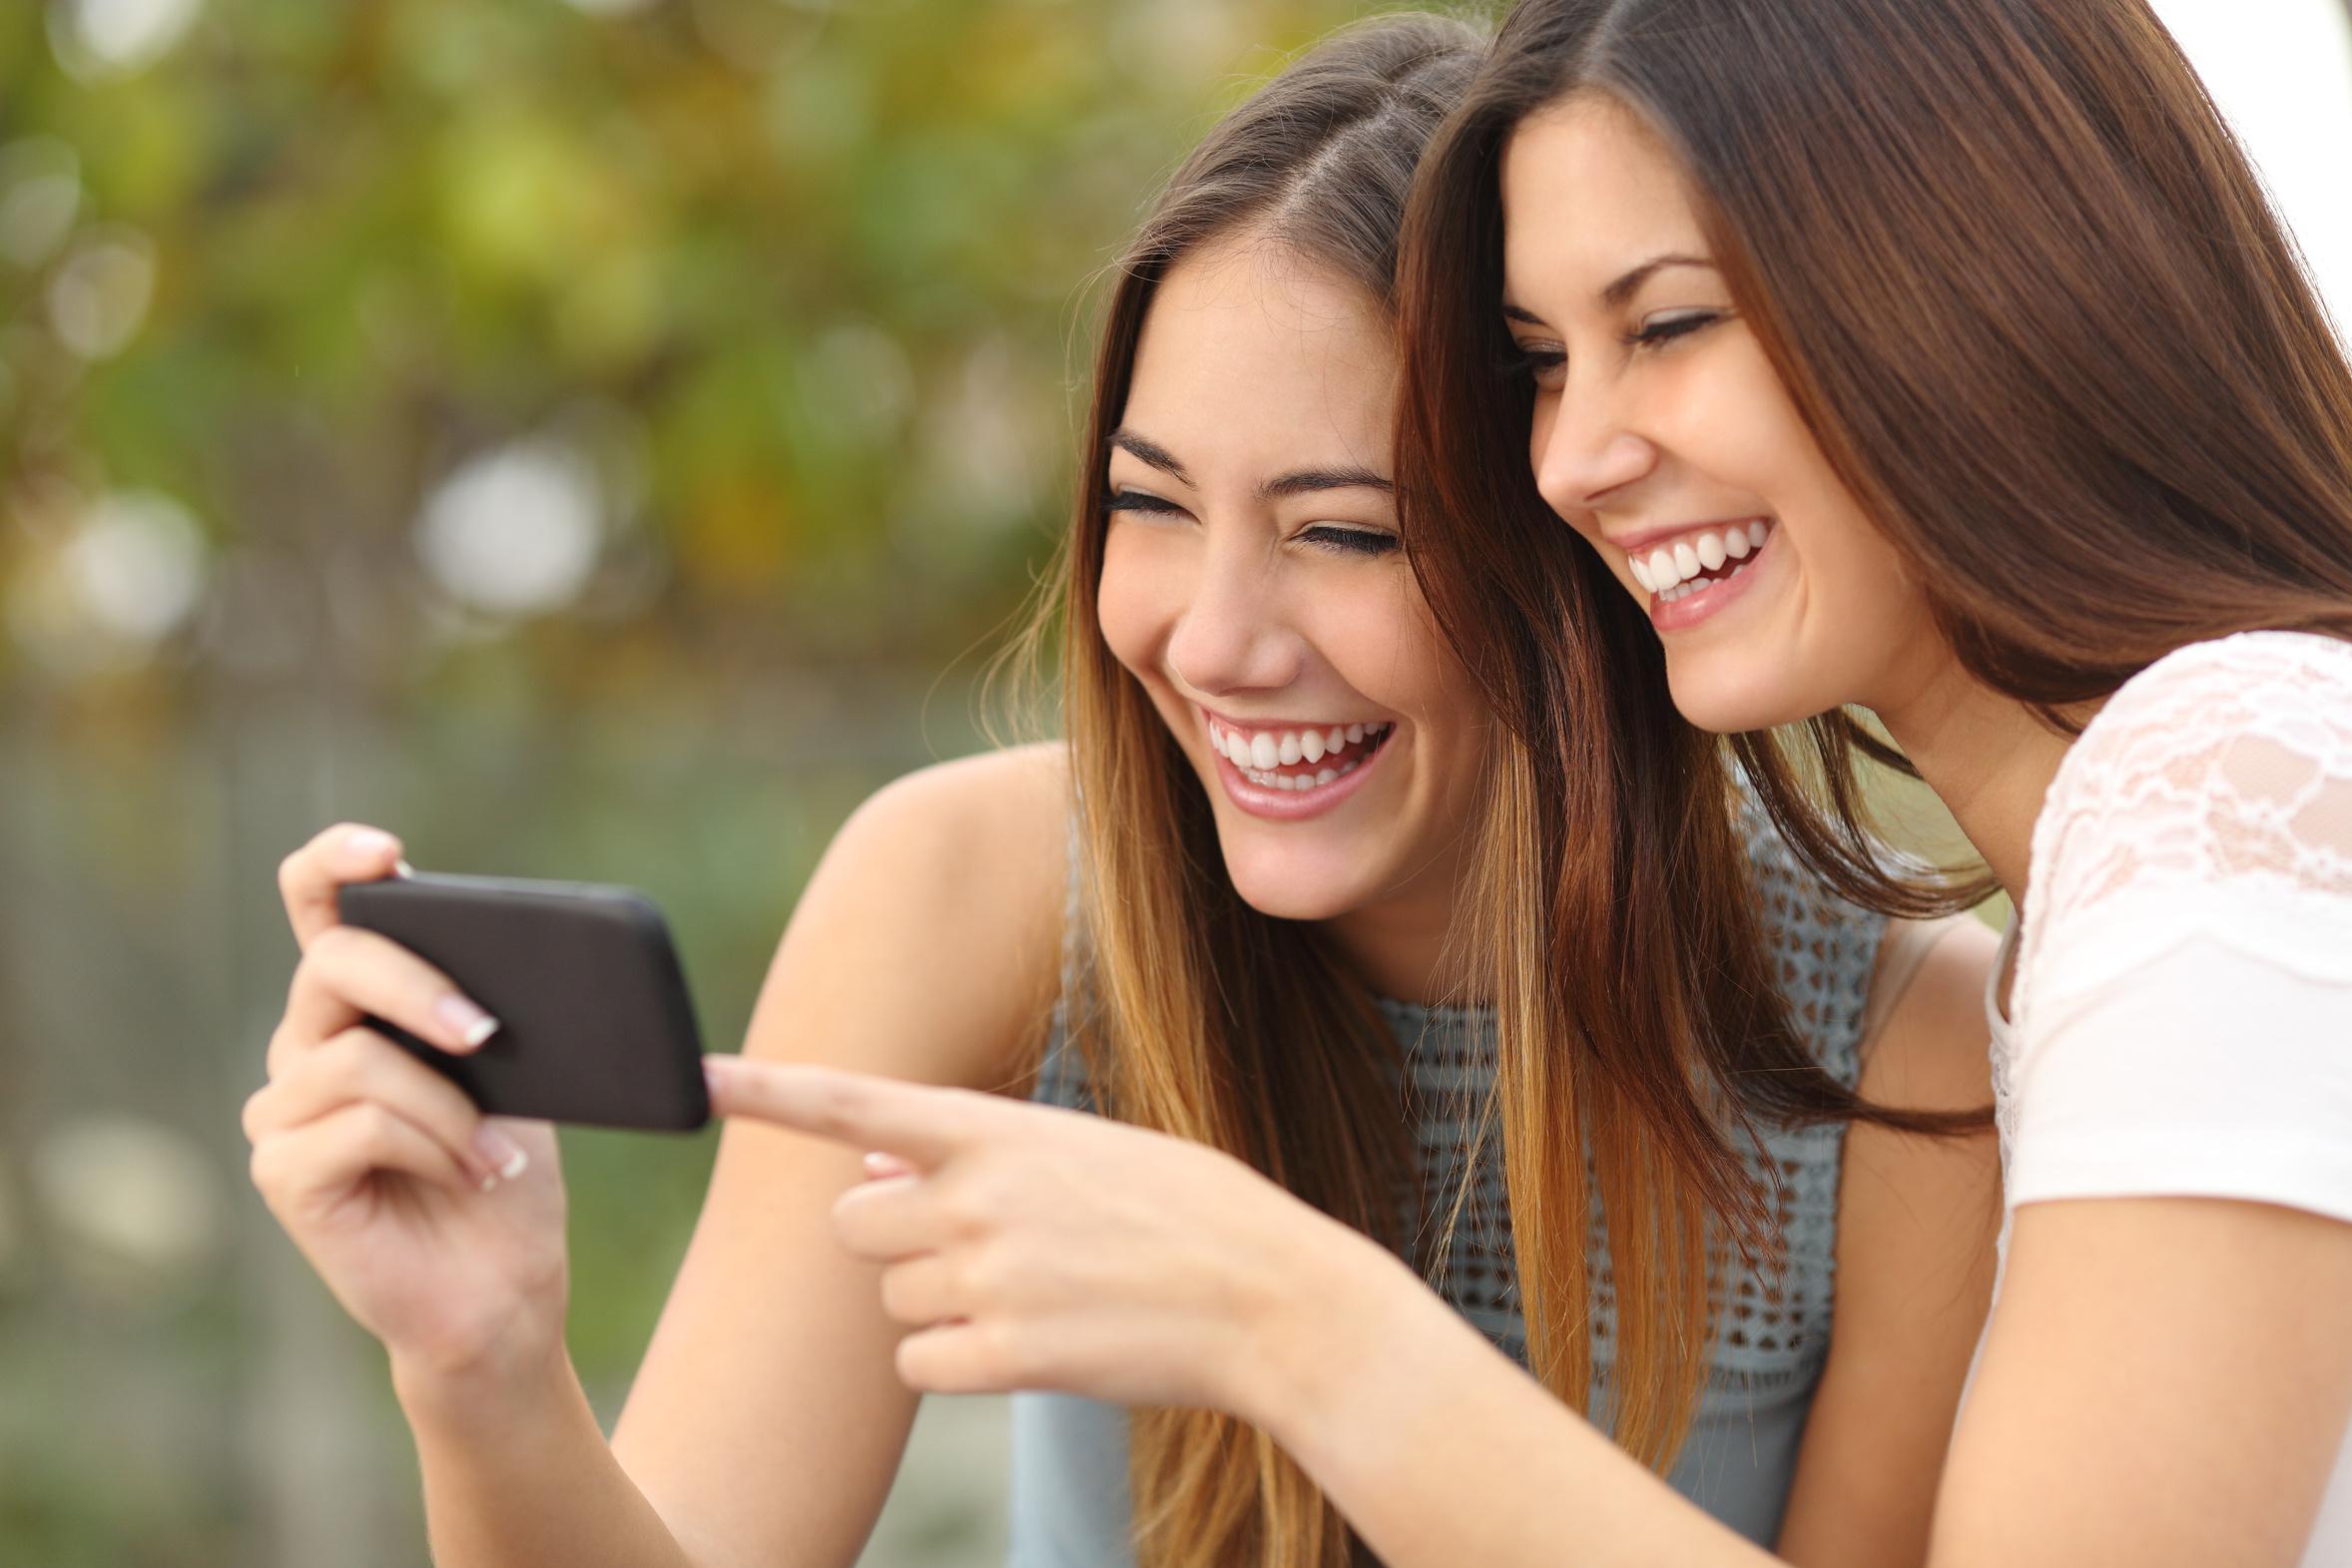 Zwei junge Frauen schauen belustigt auf ein Smartphone.